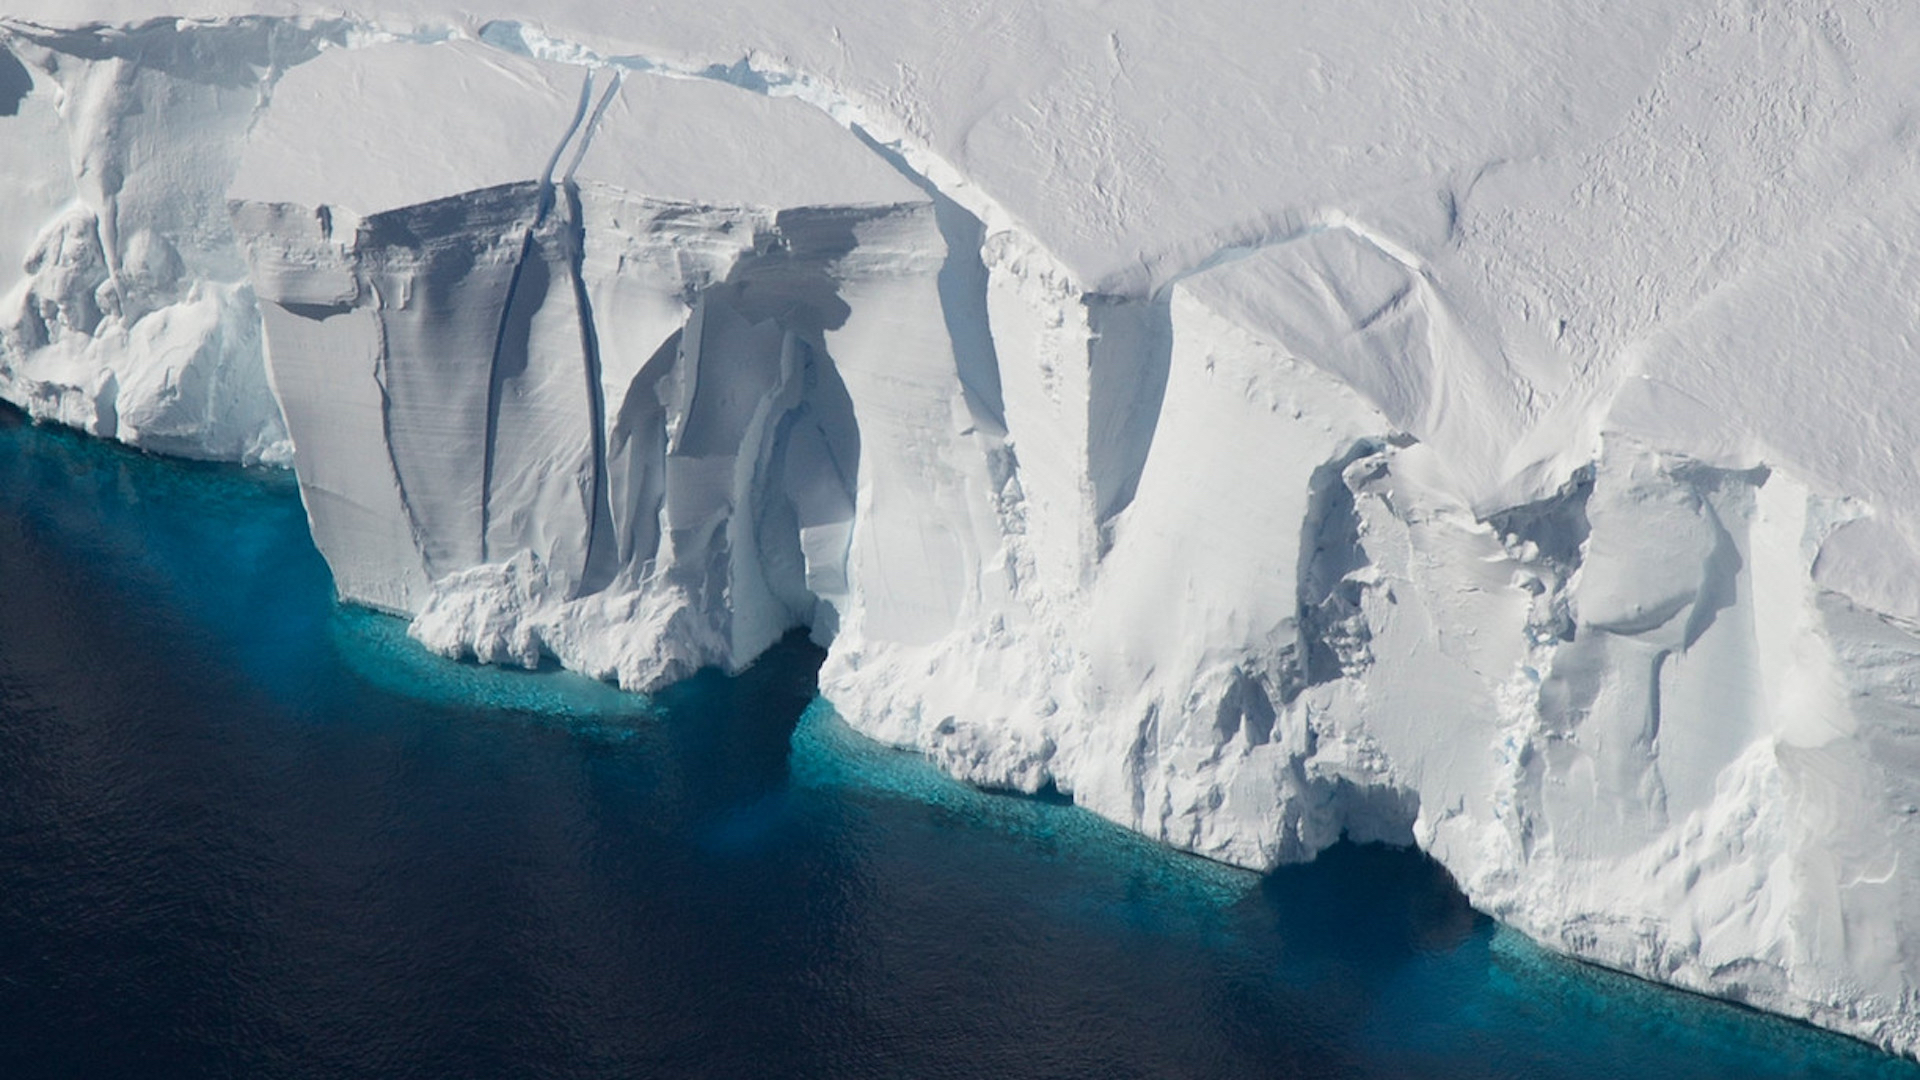 Calentamiento global: el nivel del mar crecería casi 40 centímetros